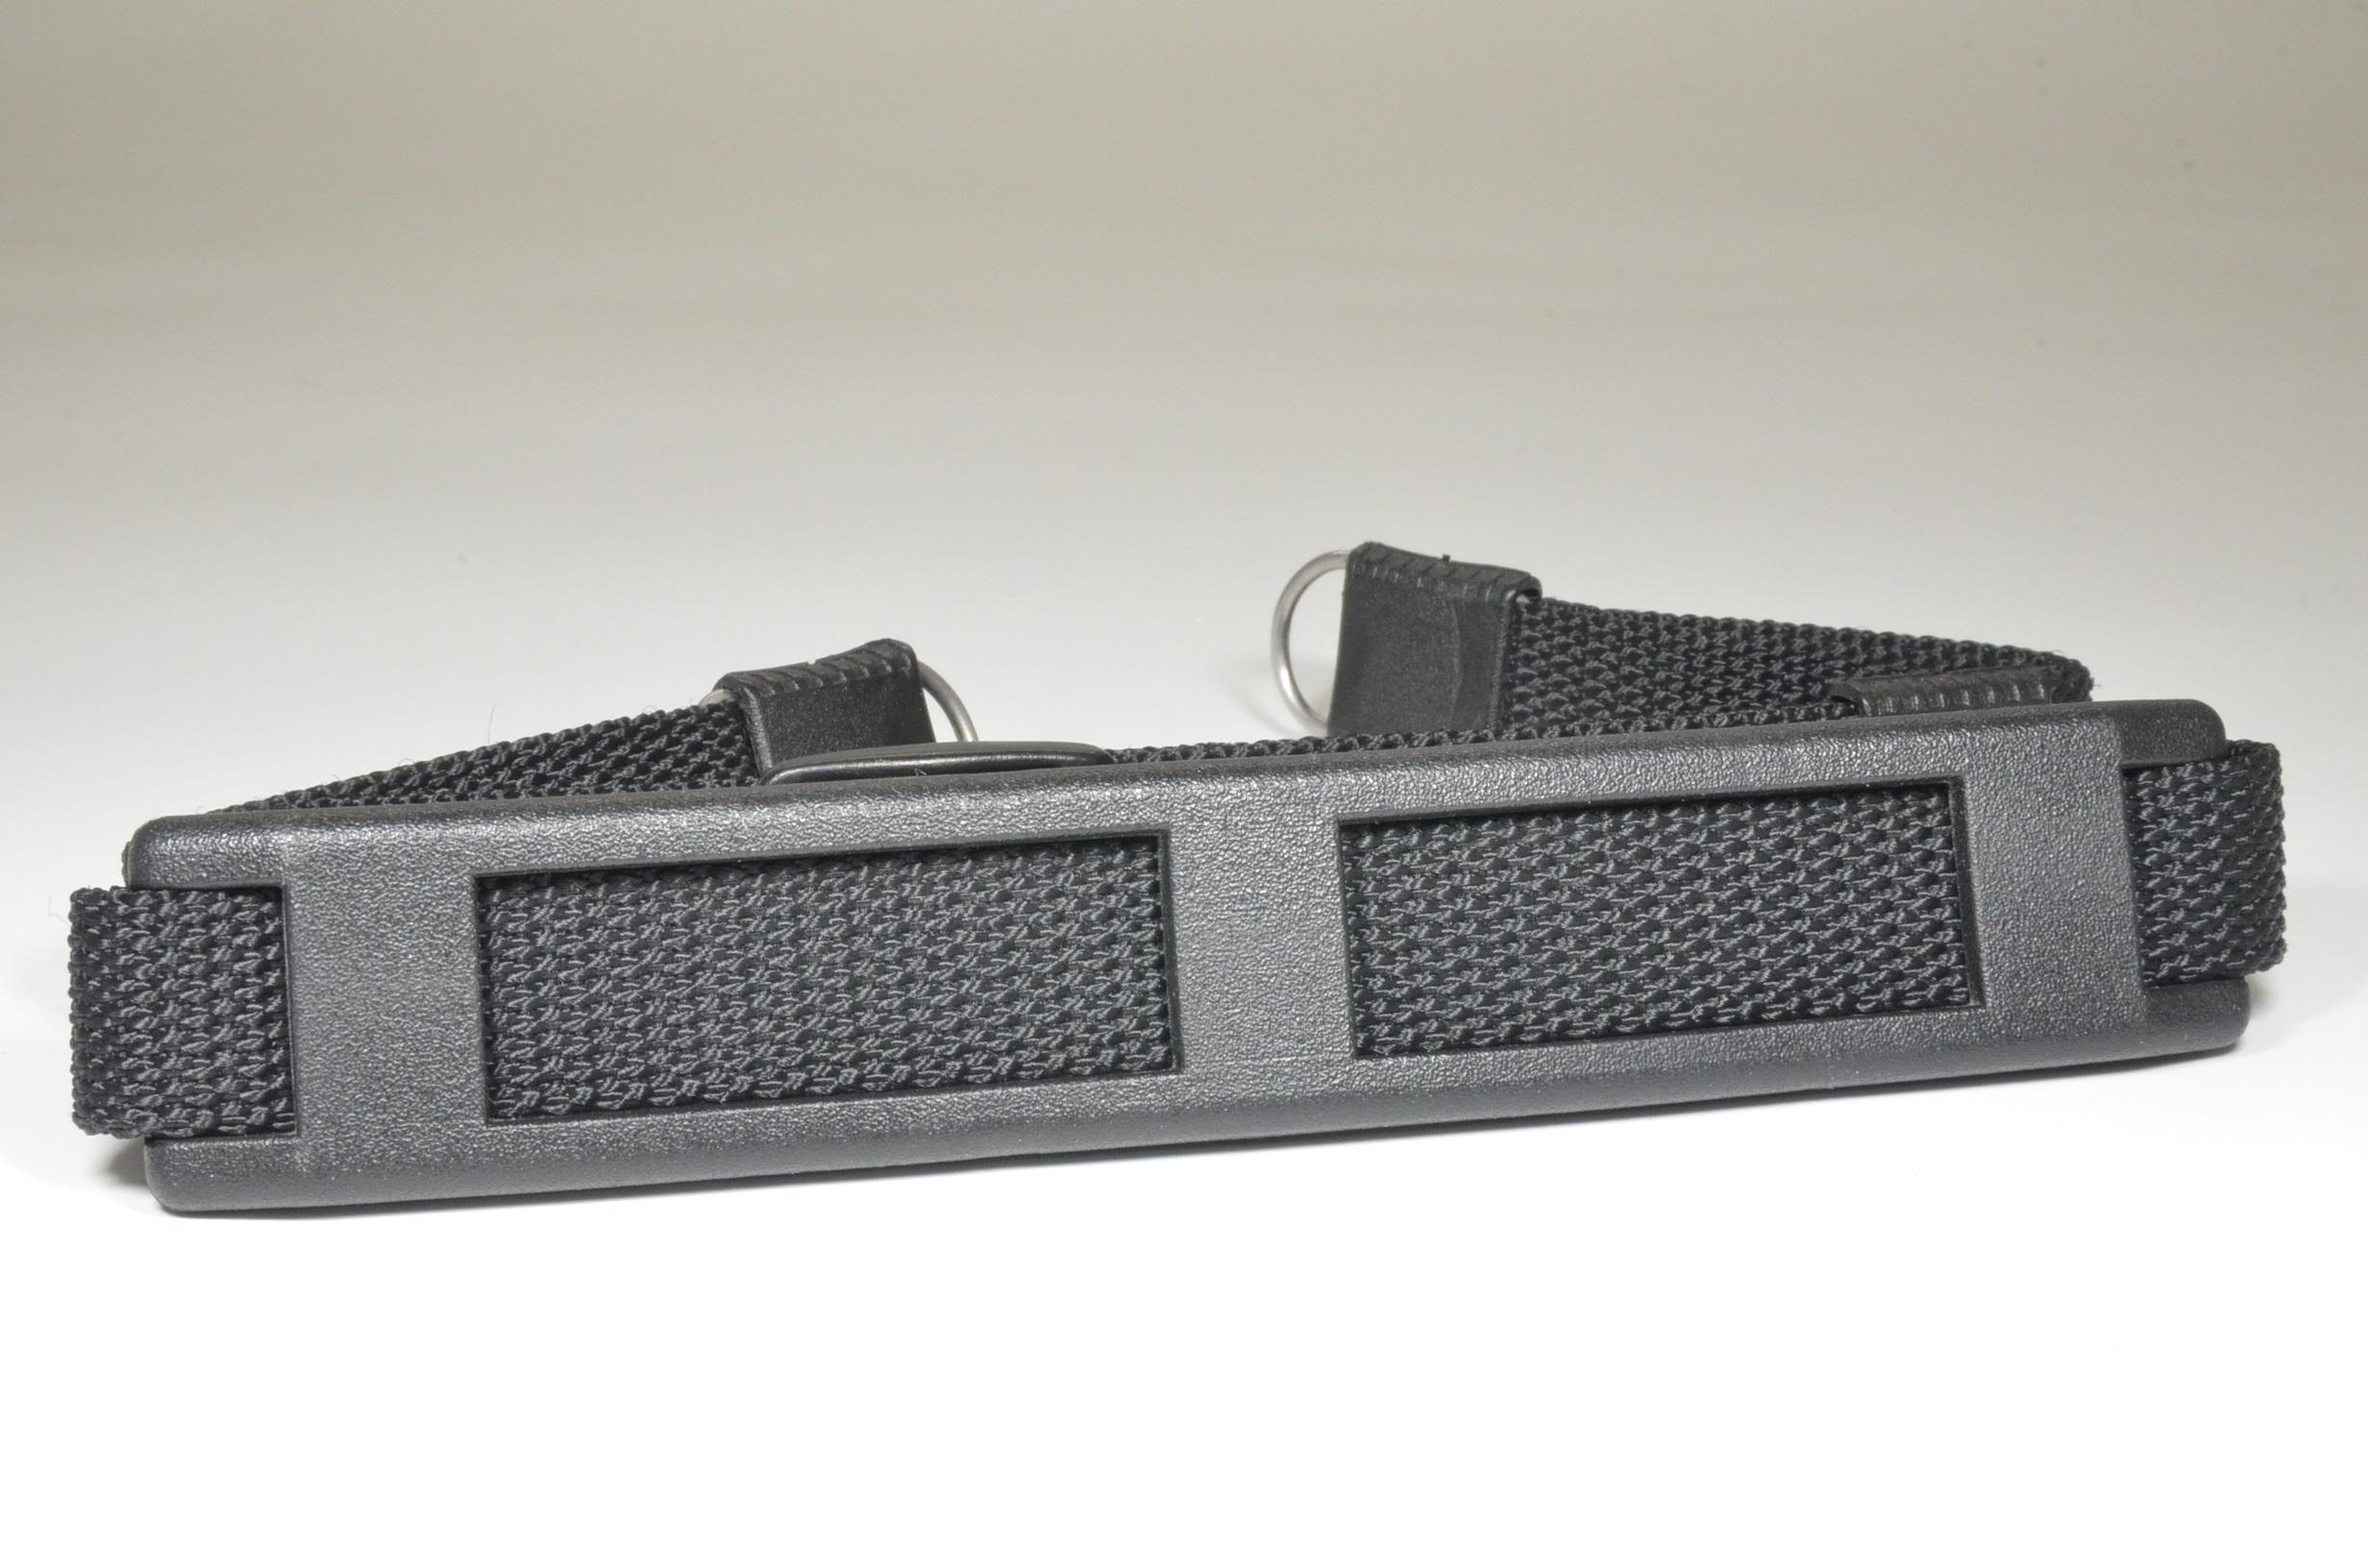 leica original camera strap for r4, m6, m4, m3, m2